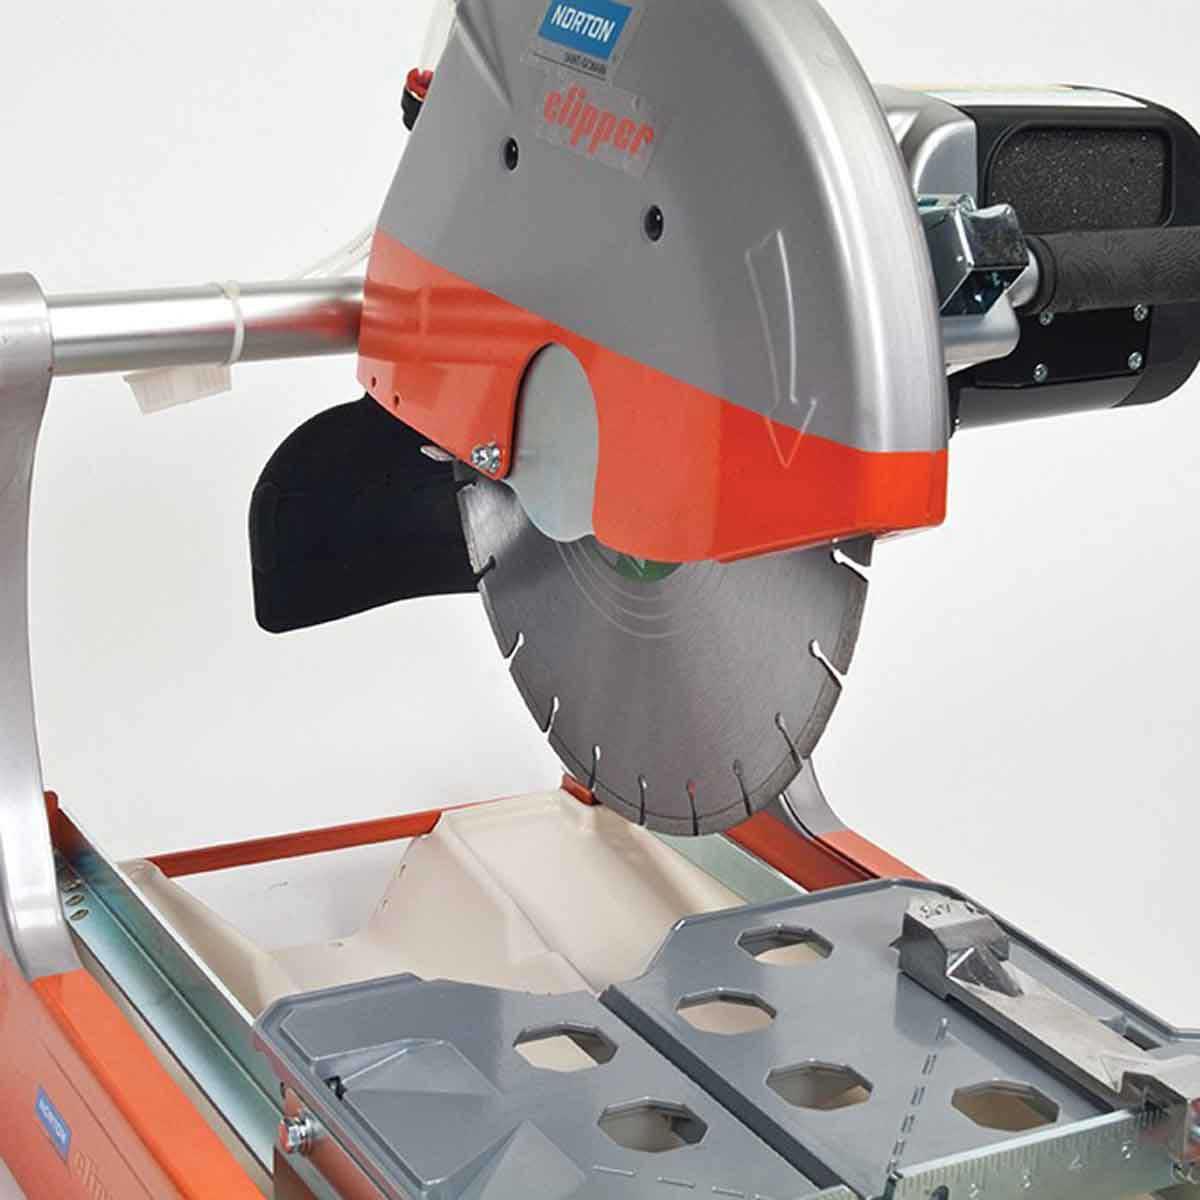 norton clipper bbm307 blade gaurd